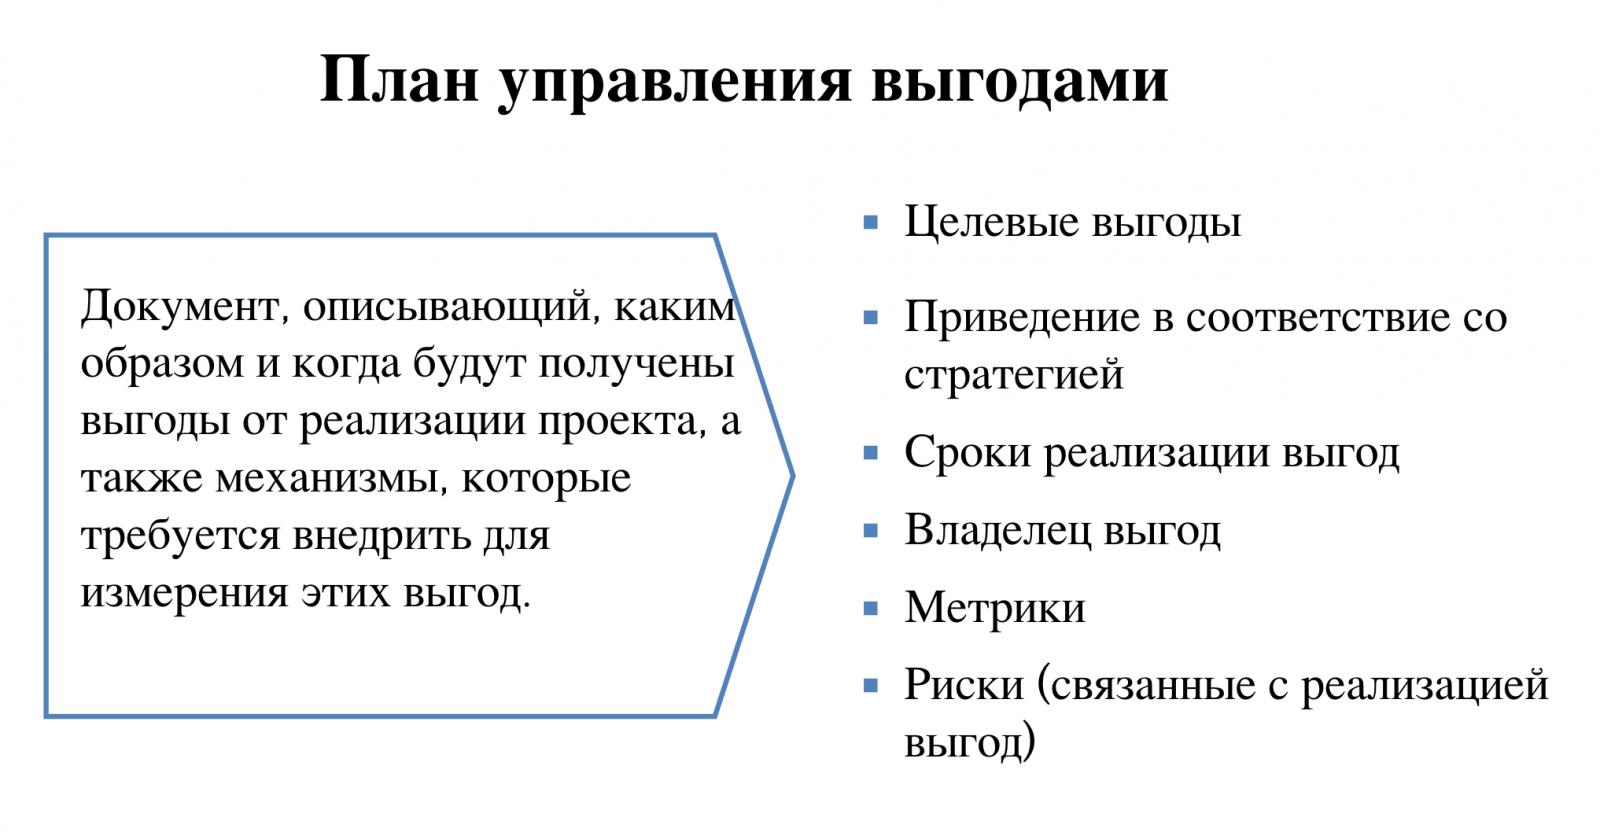 Управление_выгодами_4